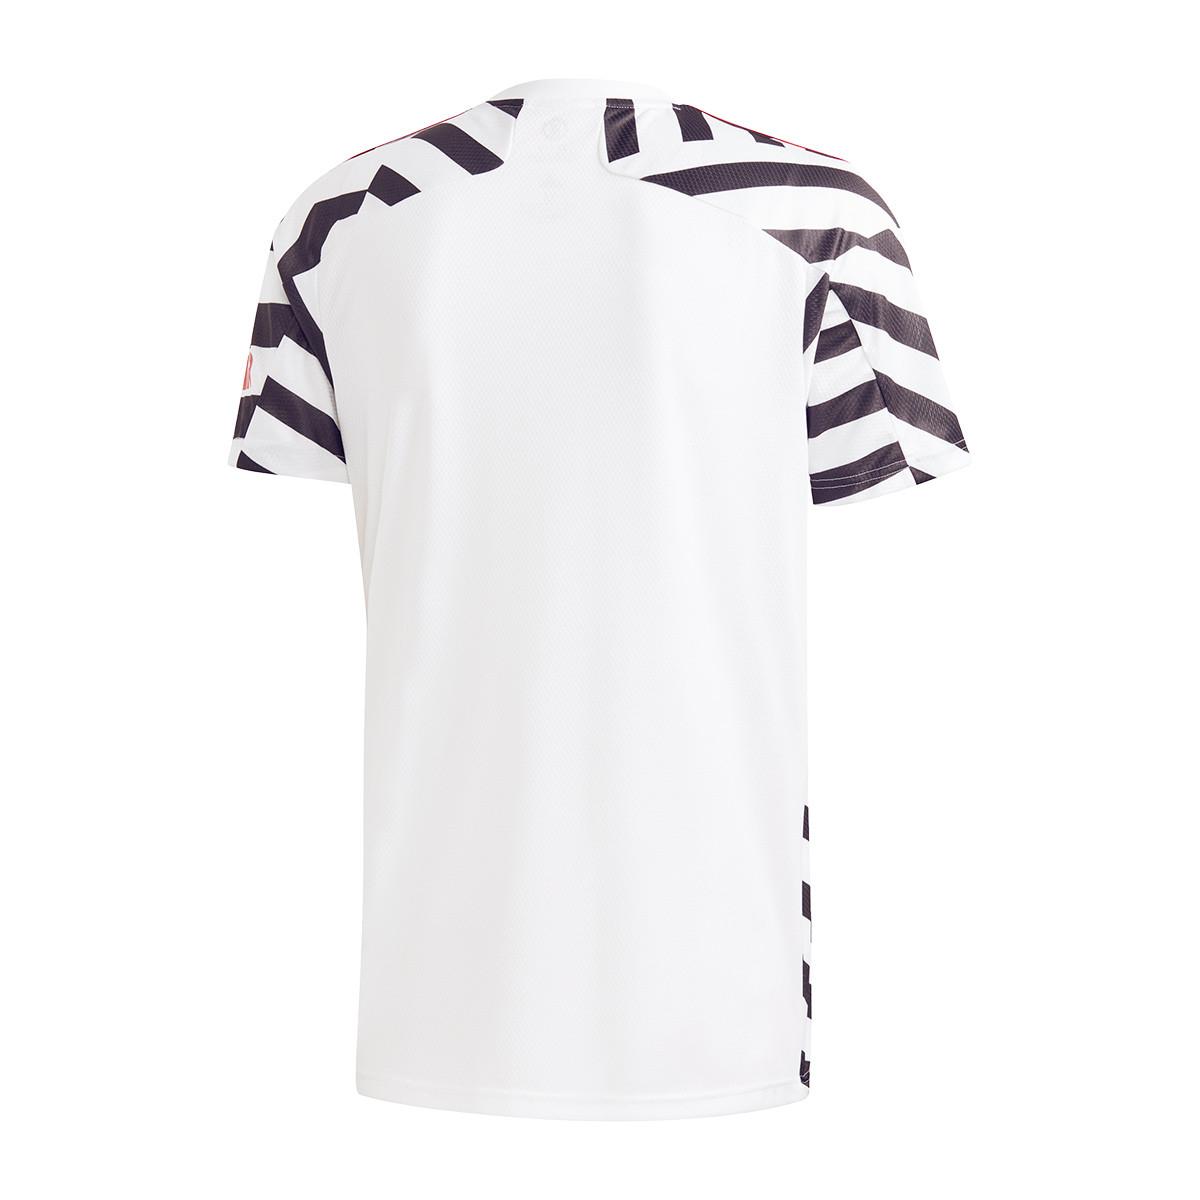 maglia adidas manchester united fc tercera equipacion 2020 2021 white black negozio di calcio futbol emotion www plumascourt ca gov